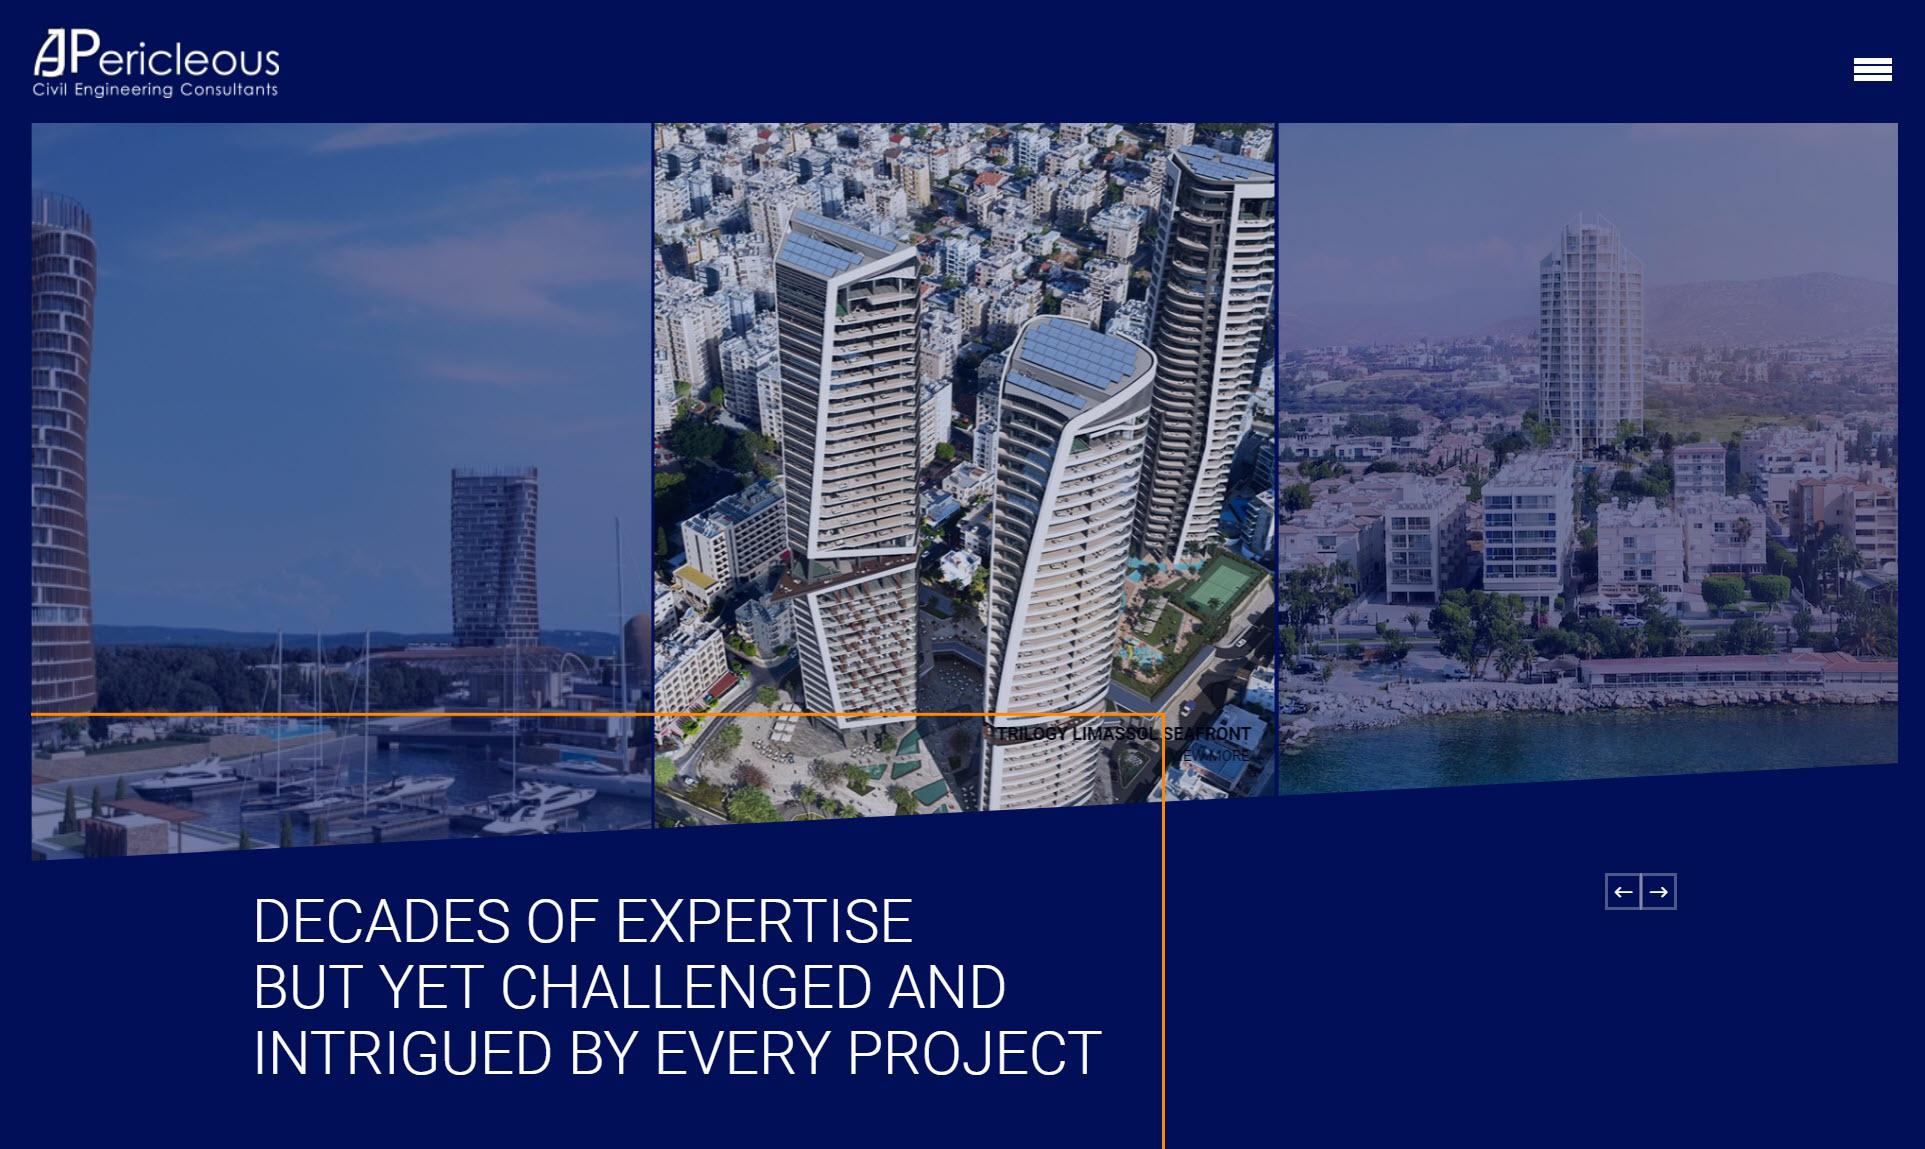 IDEA StatiCa | A  J  Pericleous LLC invests in IDEA StatiCa